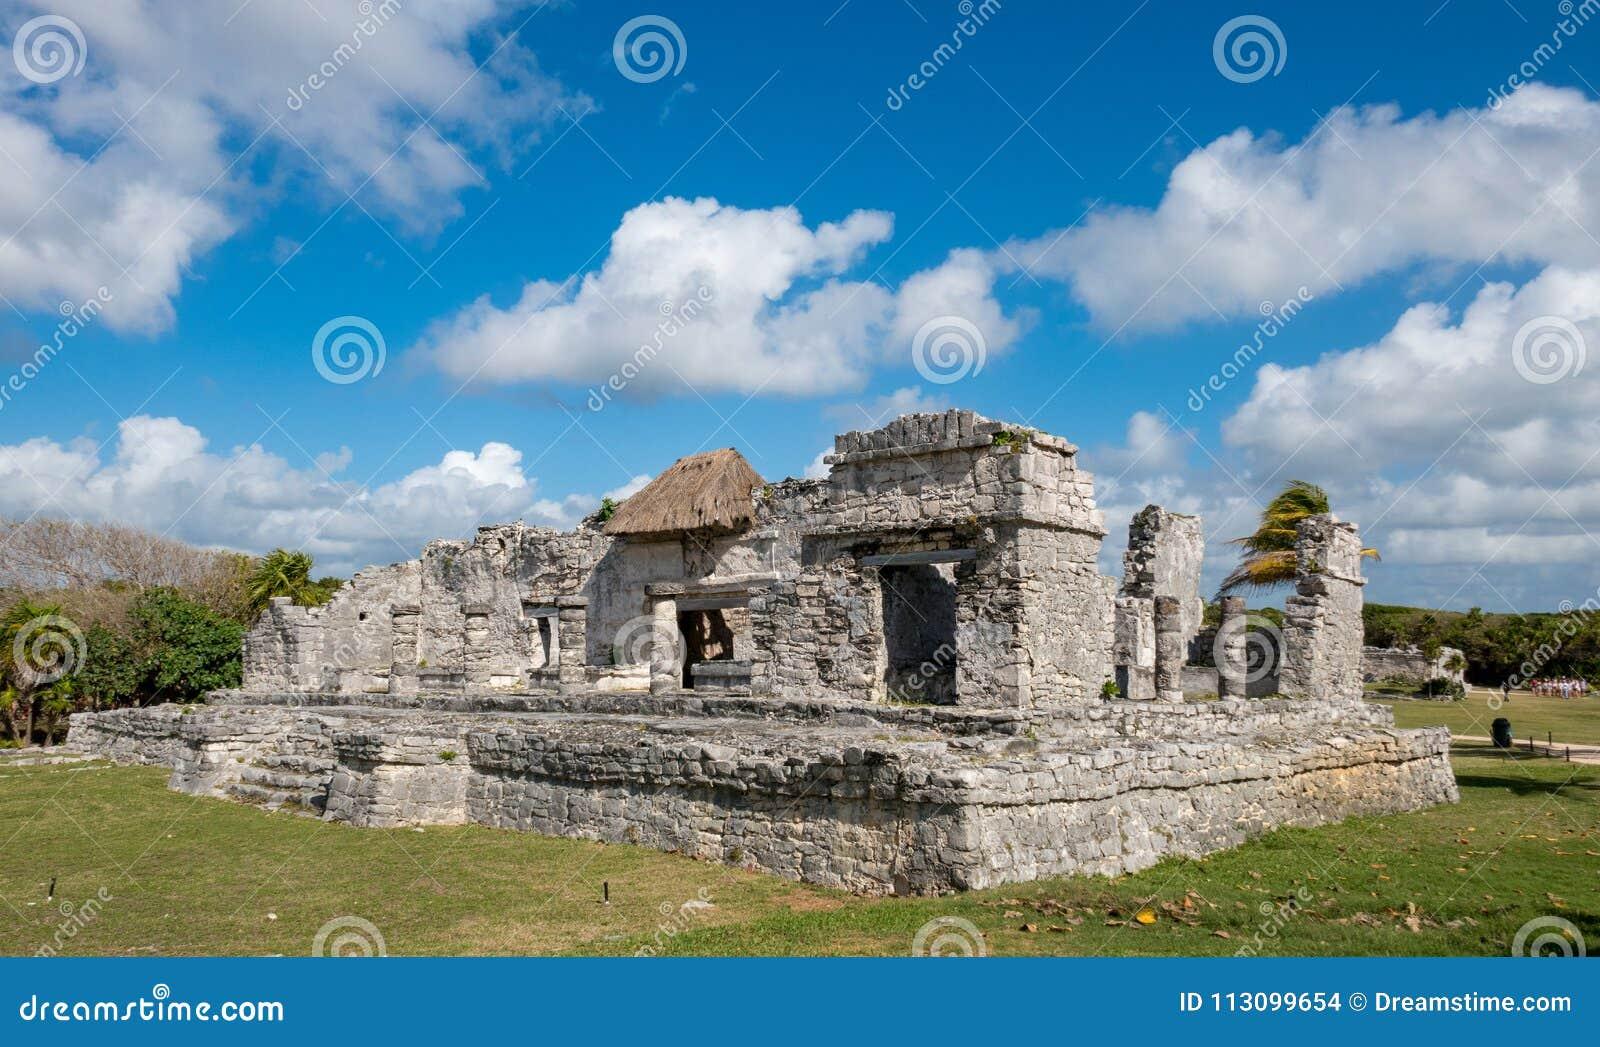 Huis van Kolommen met gedeeltelijk bewolkte hemel bij oude Mayan ruïnes van Tulum in Mexic